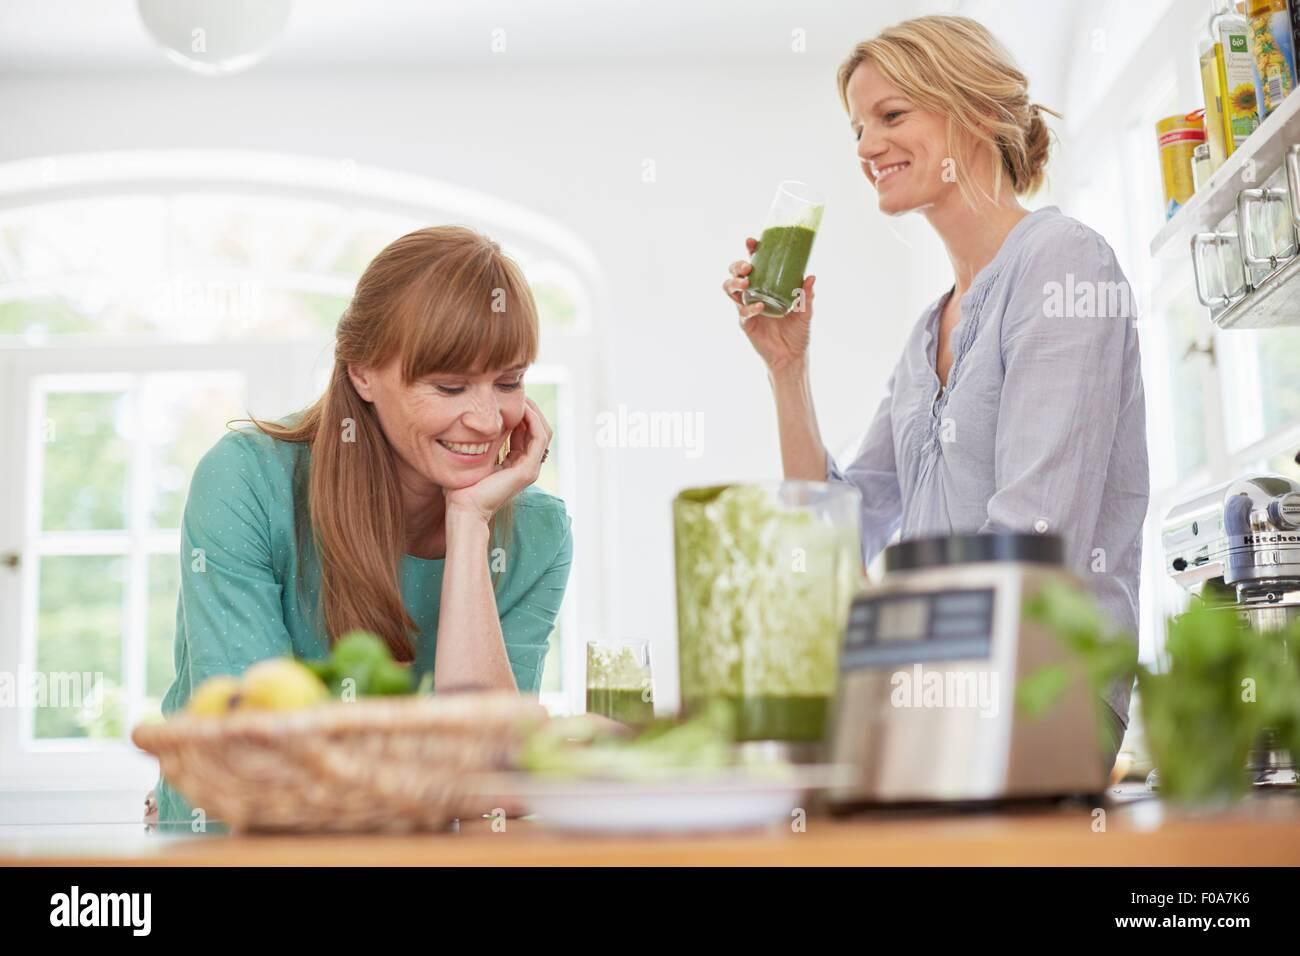 Les femmes végétaliennes vert potable dans la cuisine smoothie Photo Stock